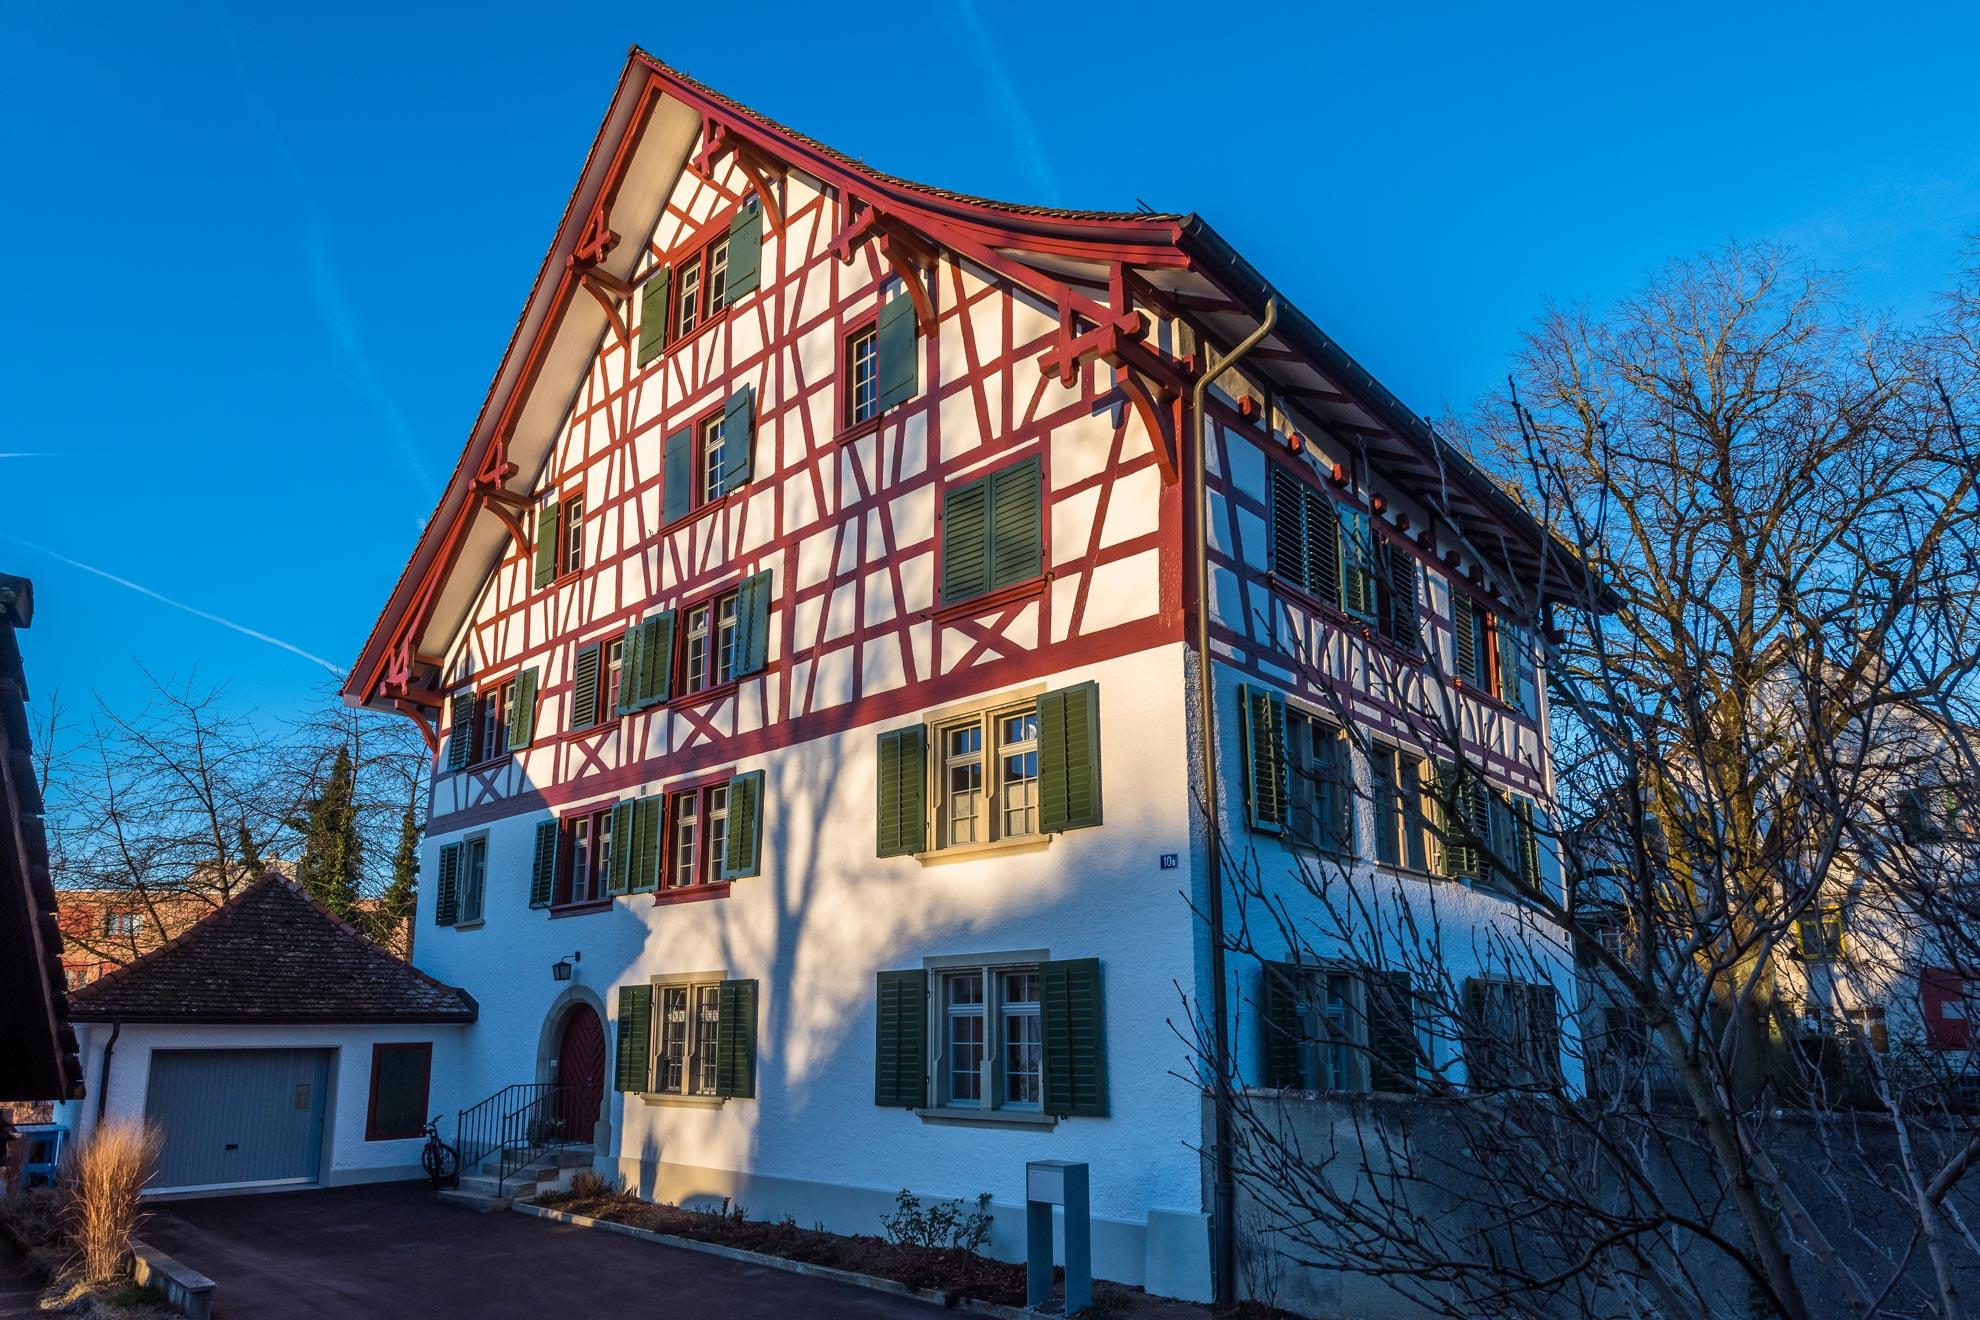 fassade-pfarrhaus-riegelbau-3zu2